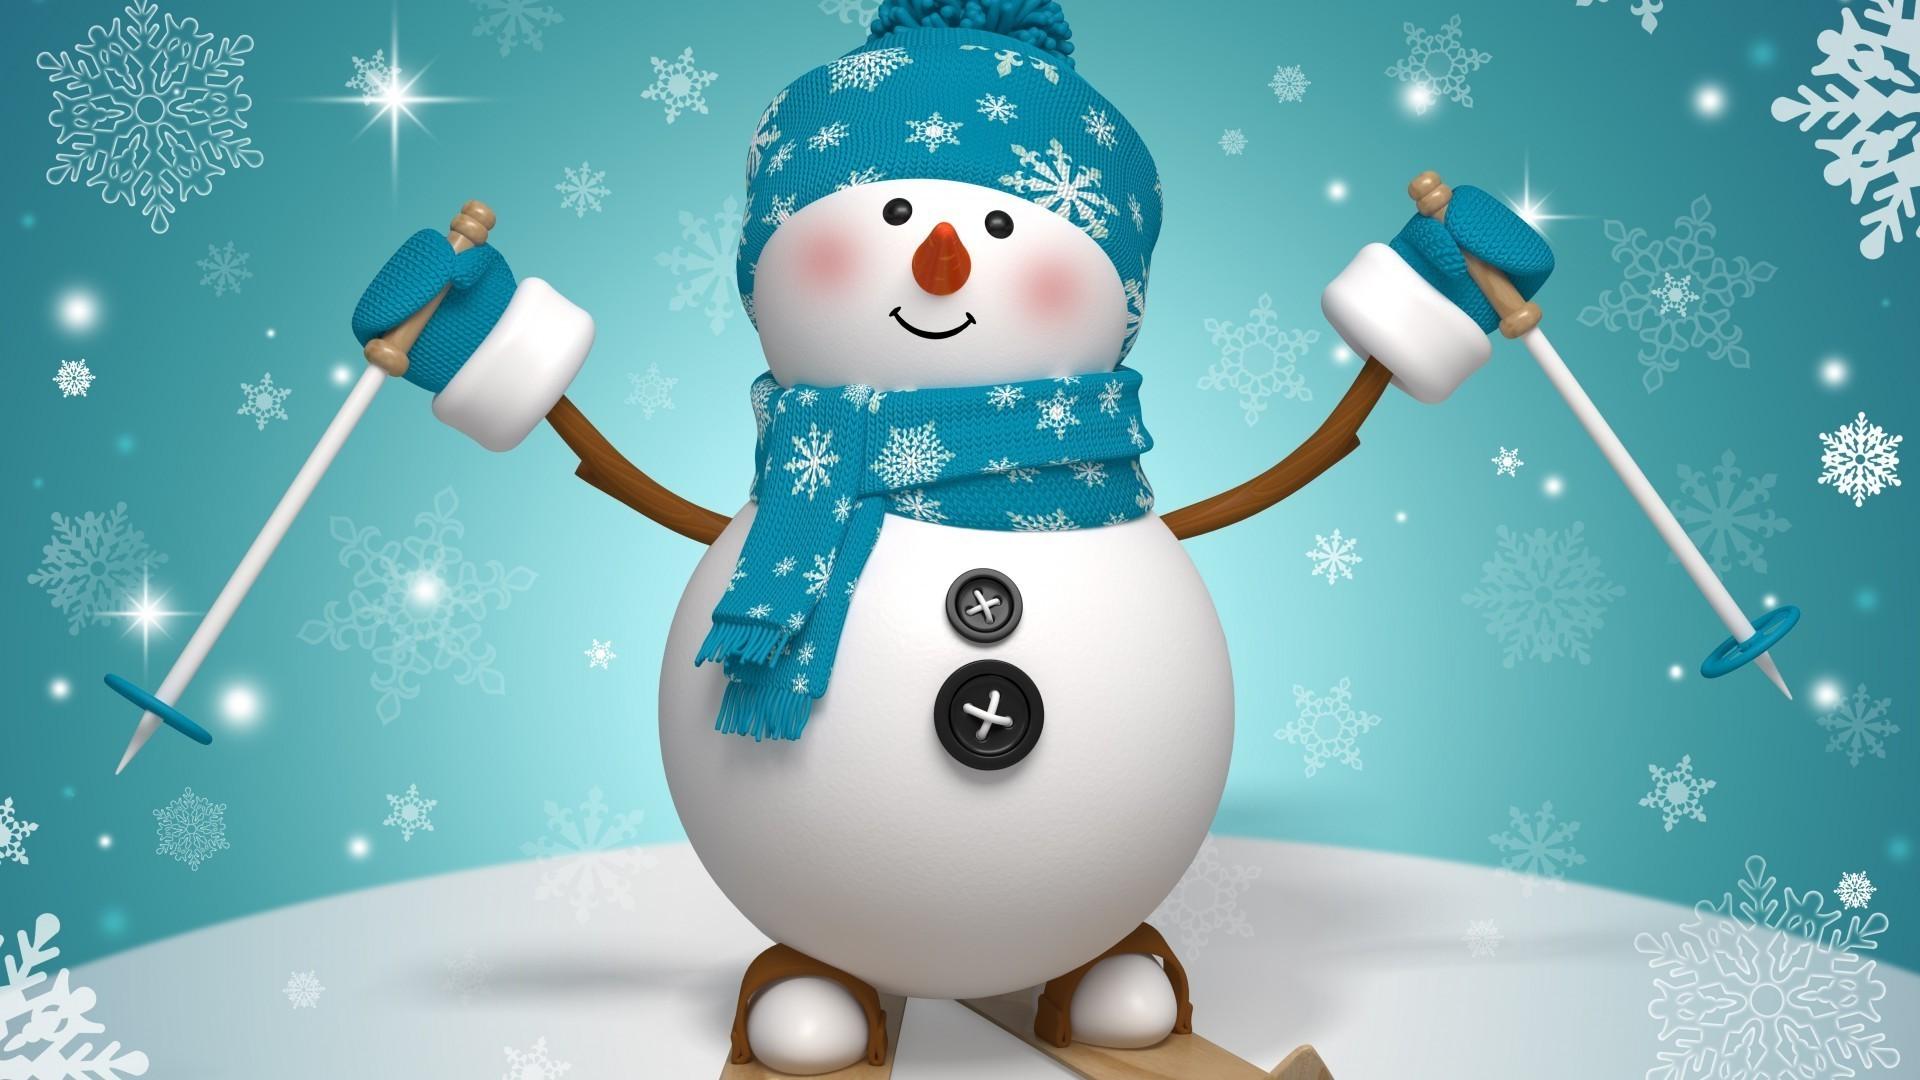 Снеговик на сноуборде  № 3290089  скачать